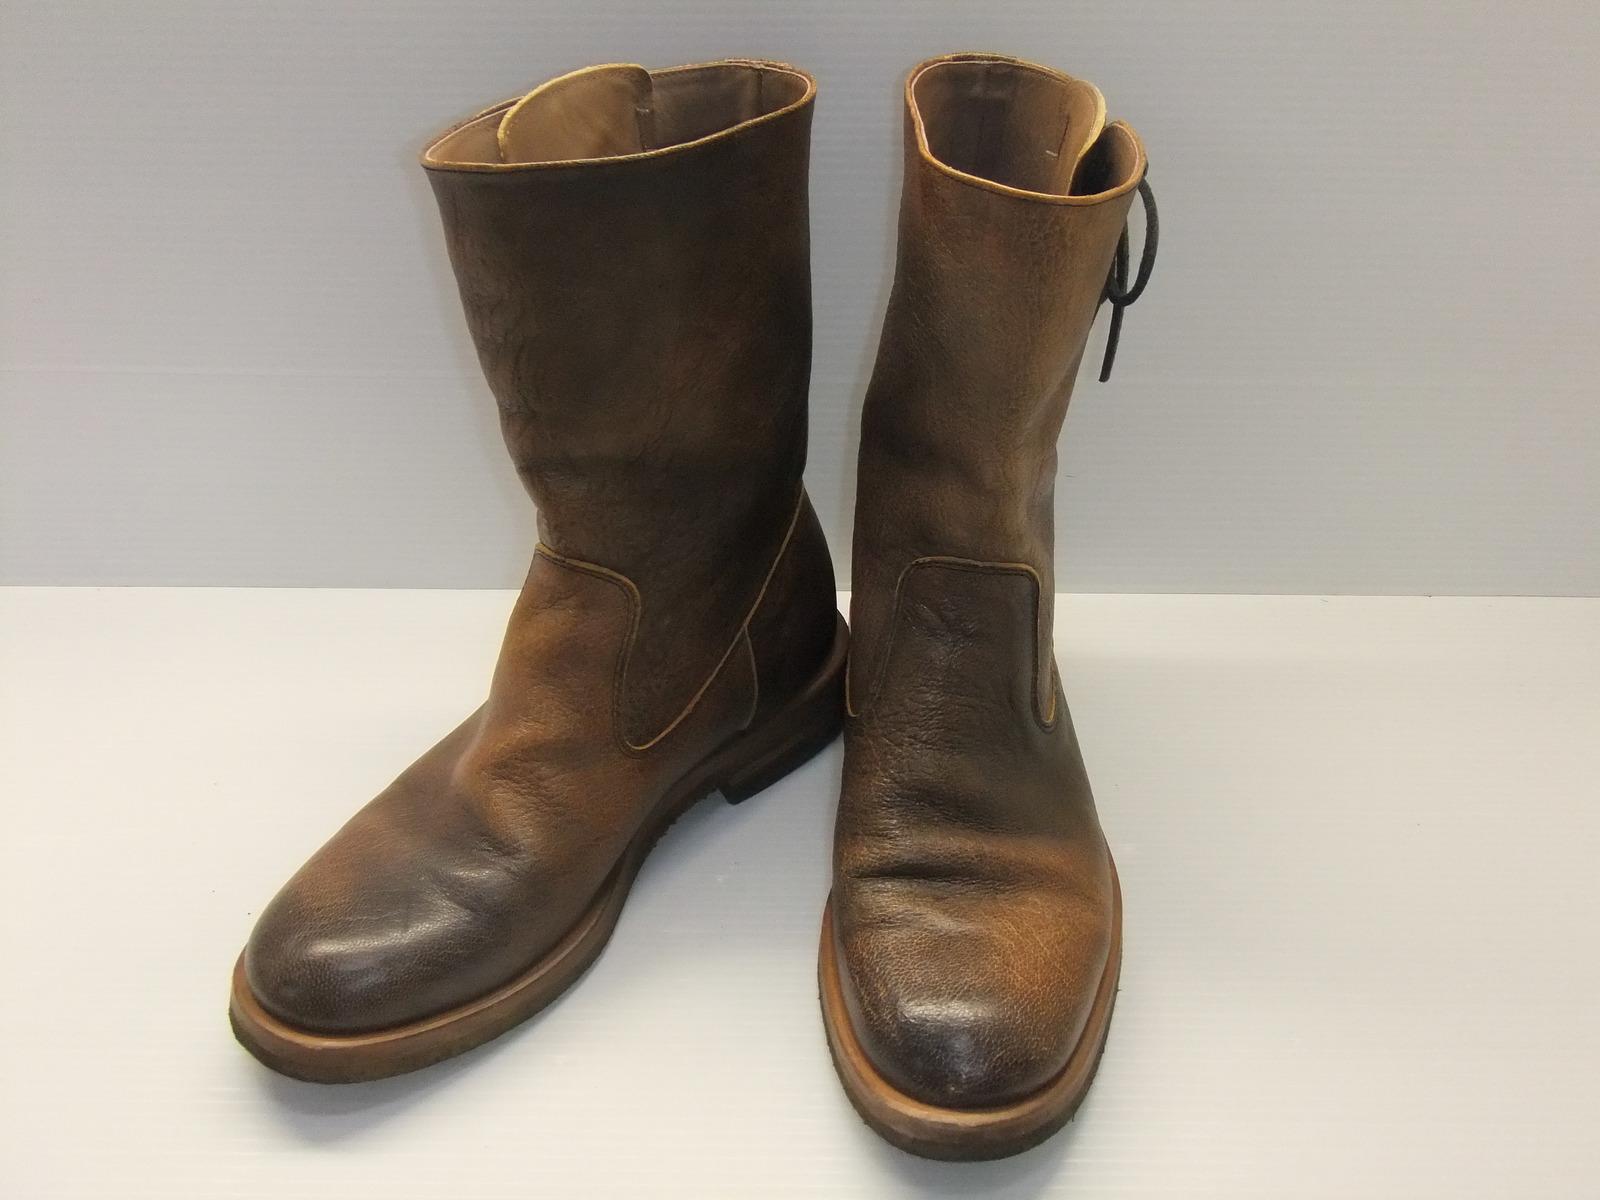 gmf-190909009001 中古 MOTO モト 新生活 サイドレース ペコスブーツ レザーブーツ 靴 約25~25.5cm ブーツ 数量は多 米子店 サイズ1